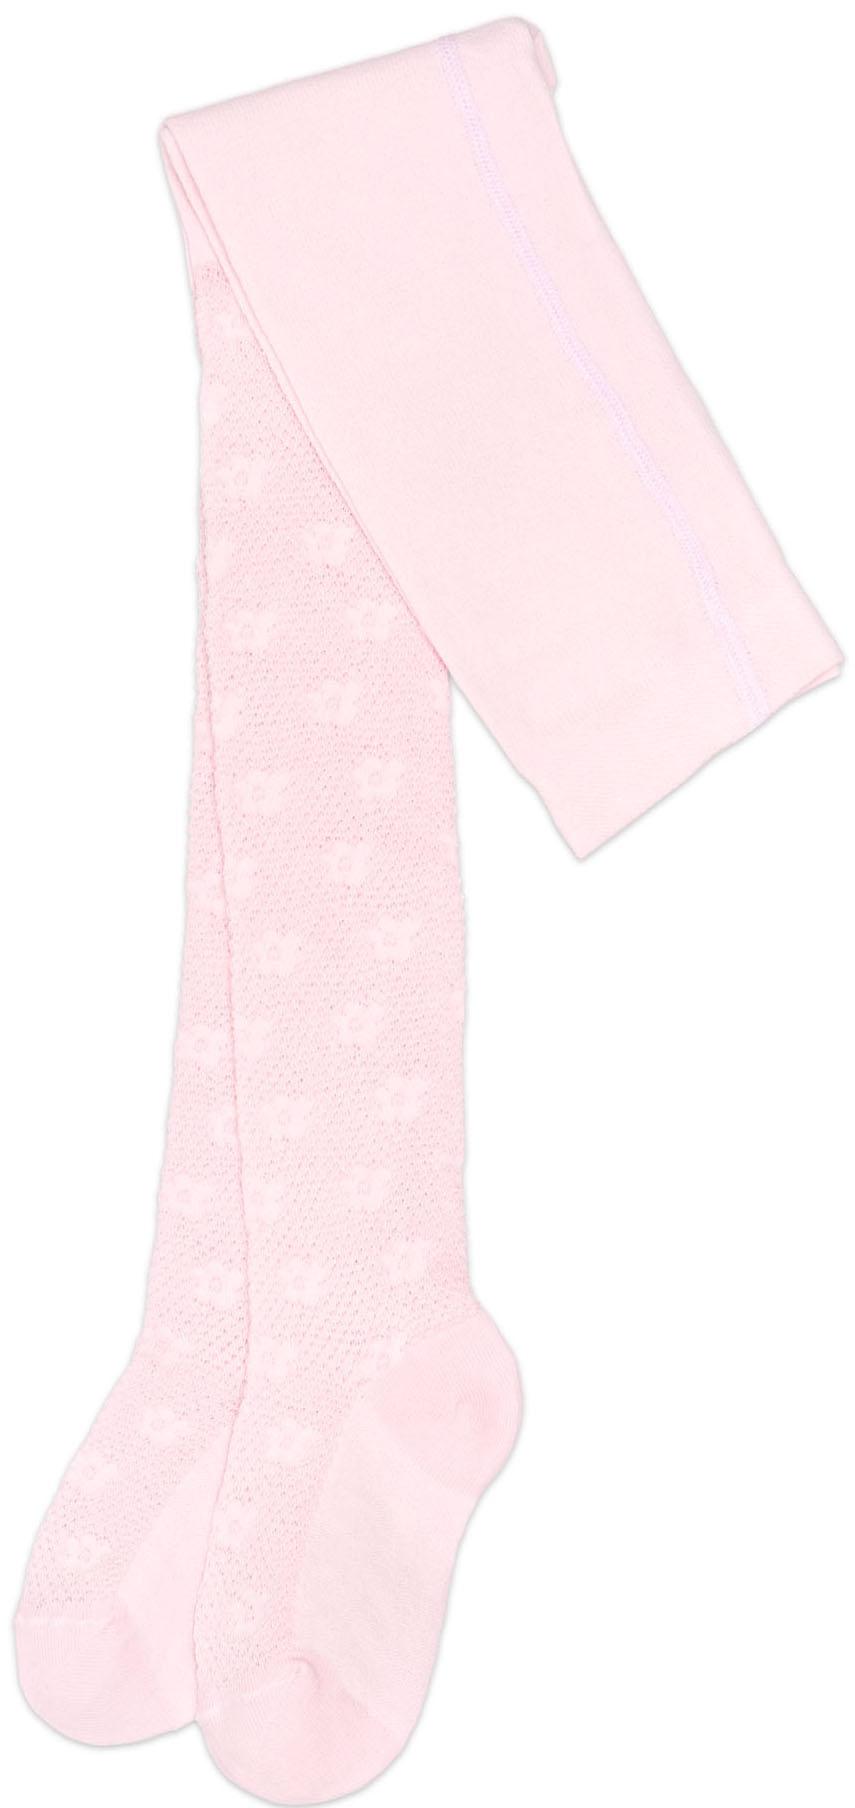 Колготки Barkito Колготки детские Barkito розовые колготки кидис колготки х б 8 марта розовые